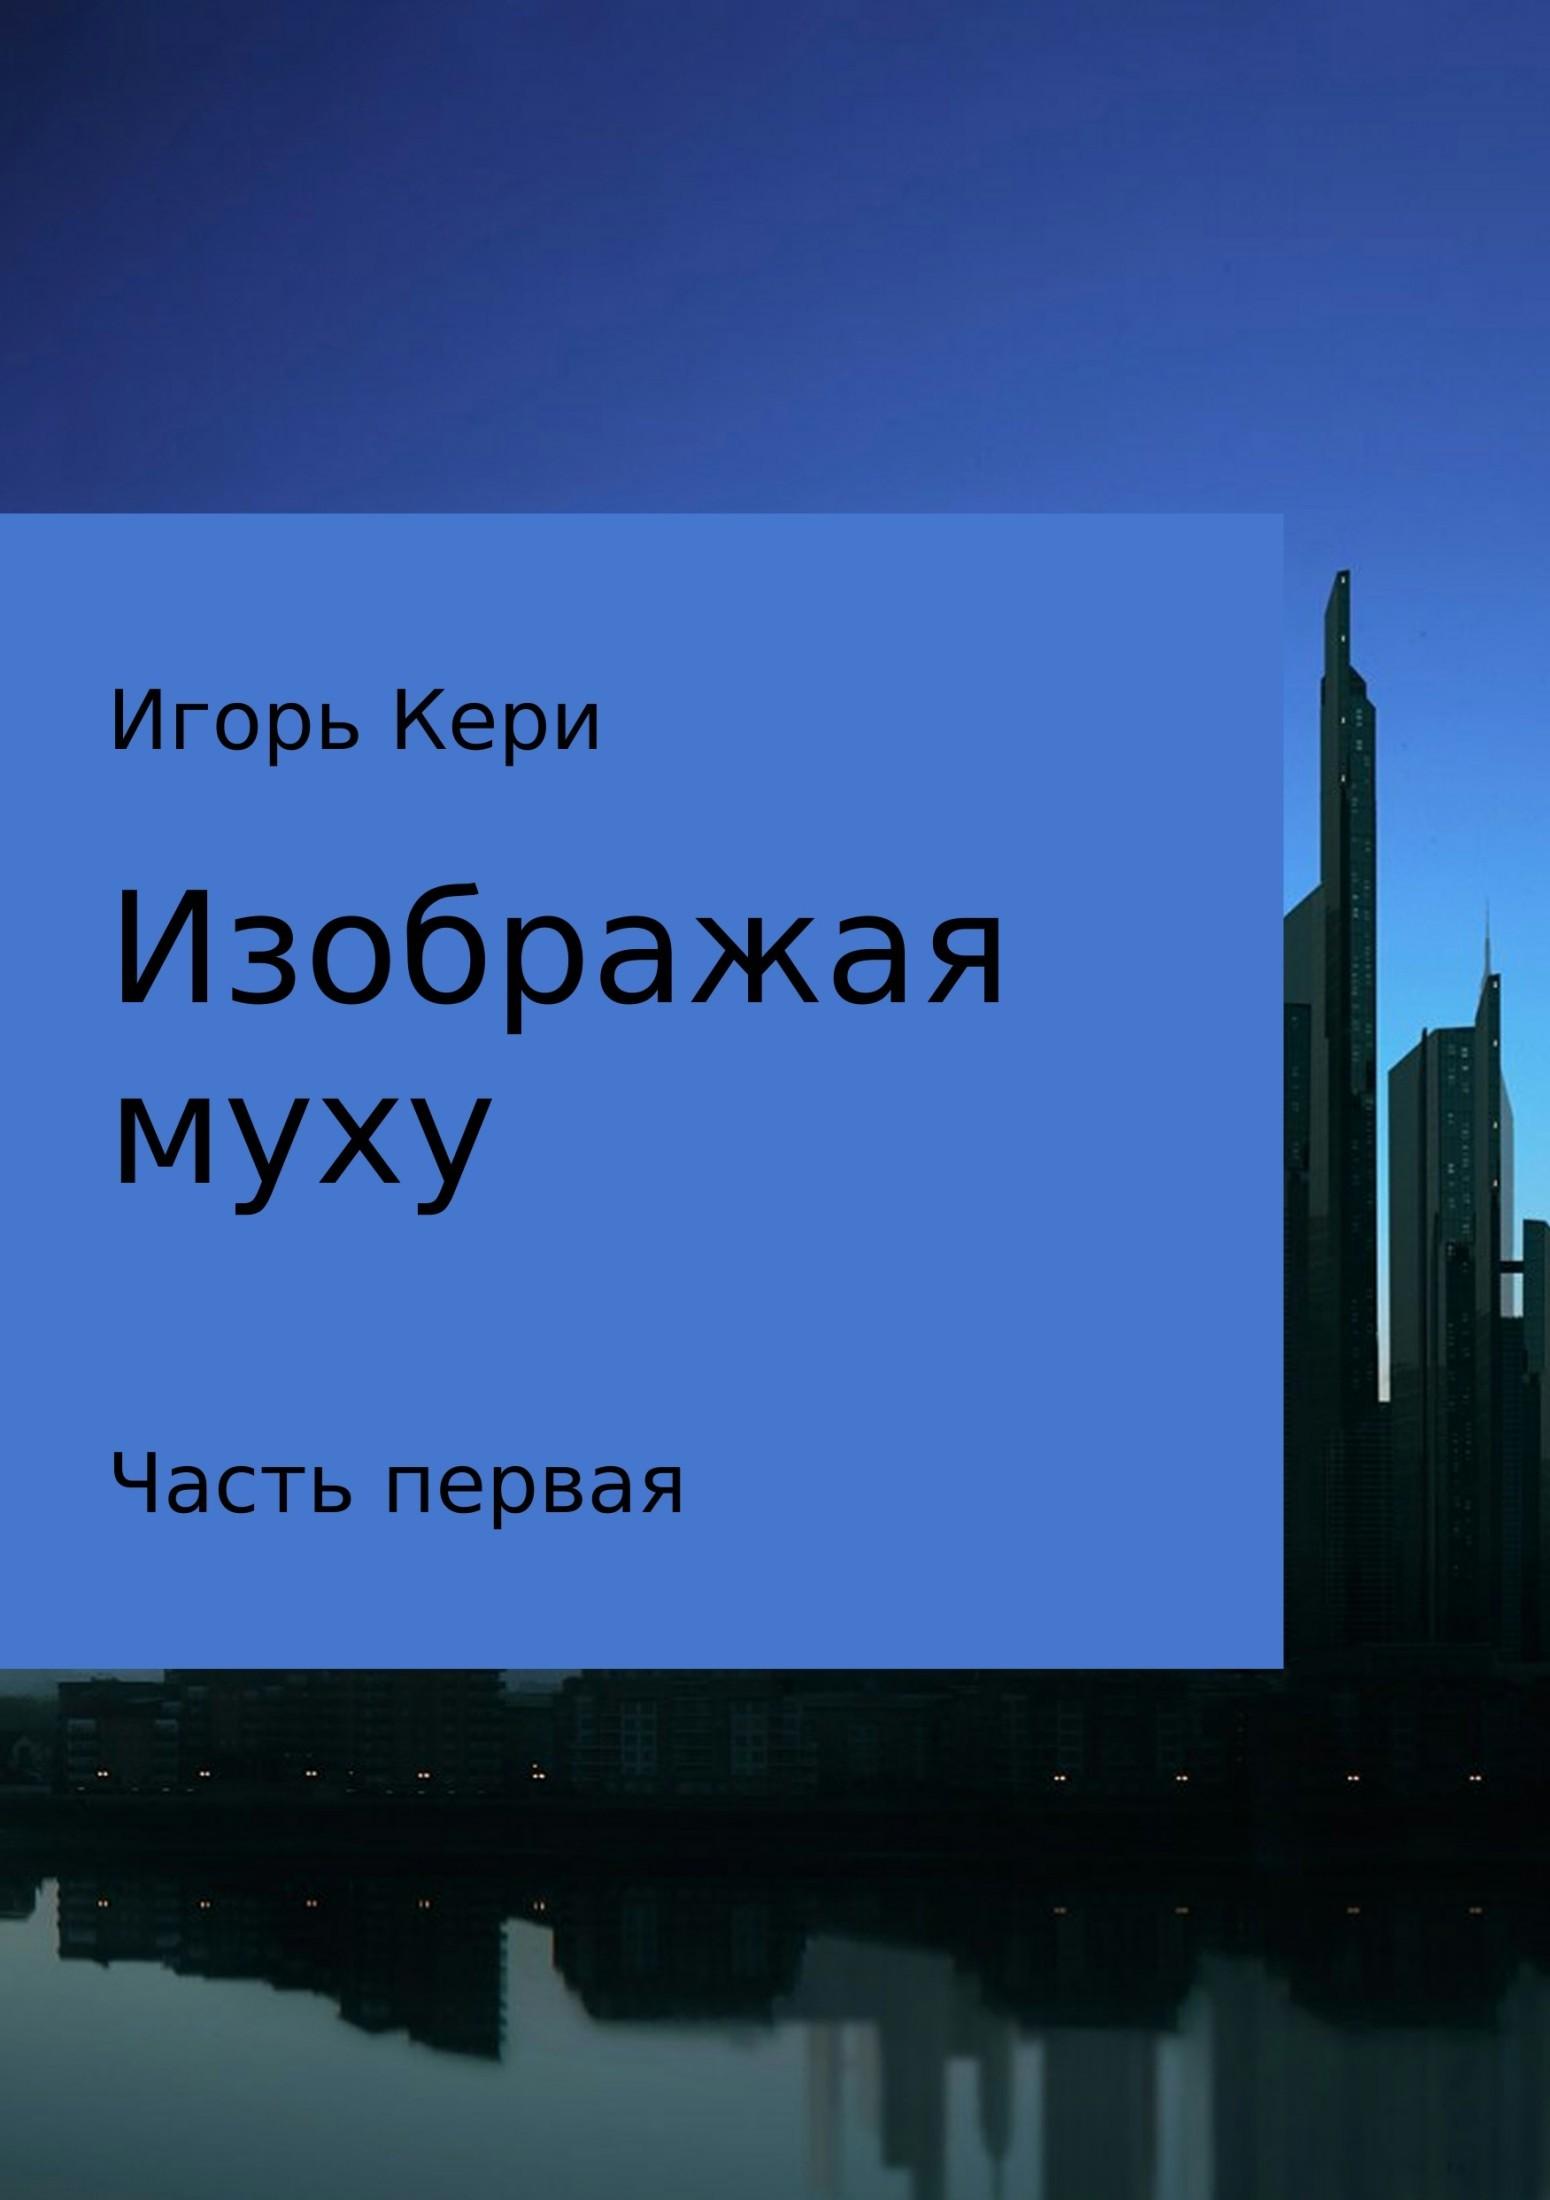 Игорь Васильевич Кери. Изображая муху